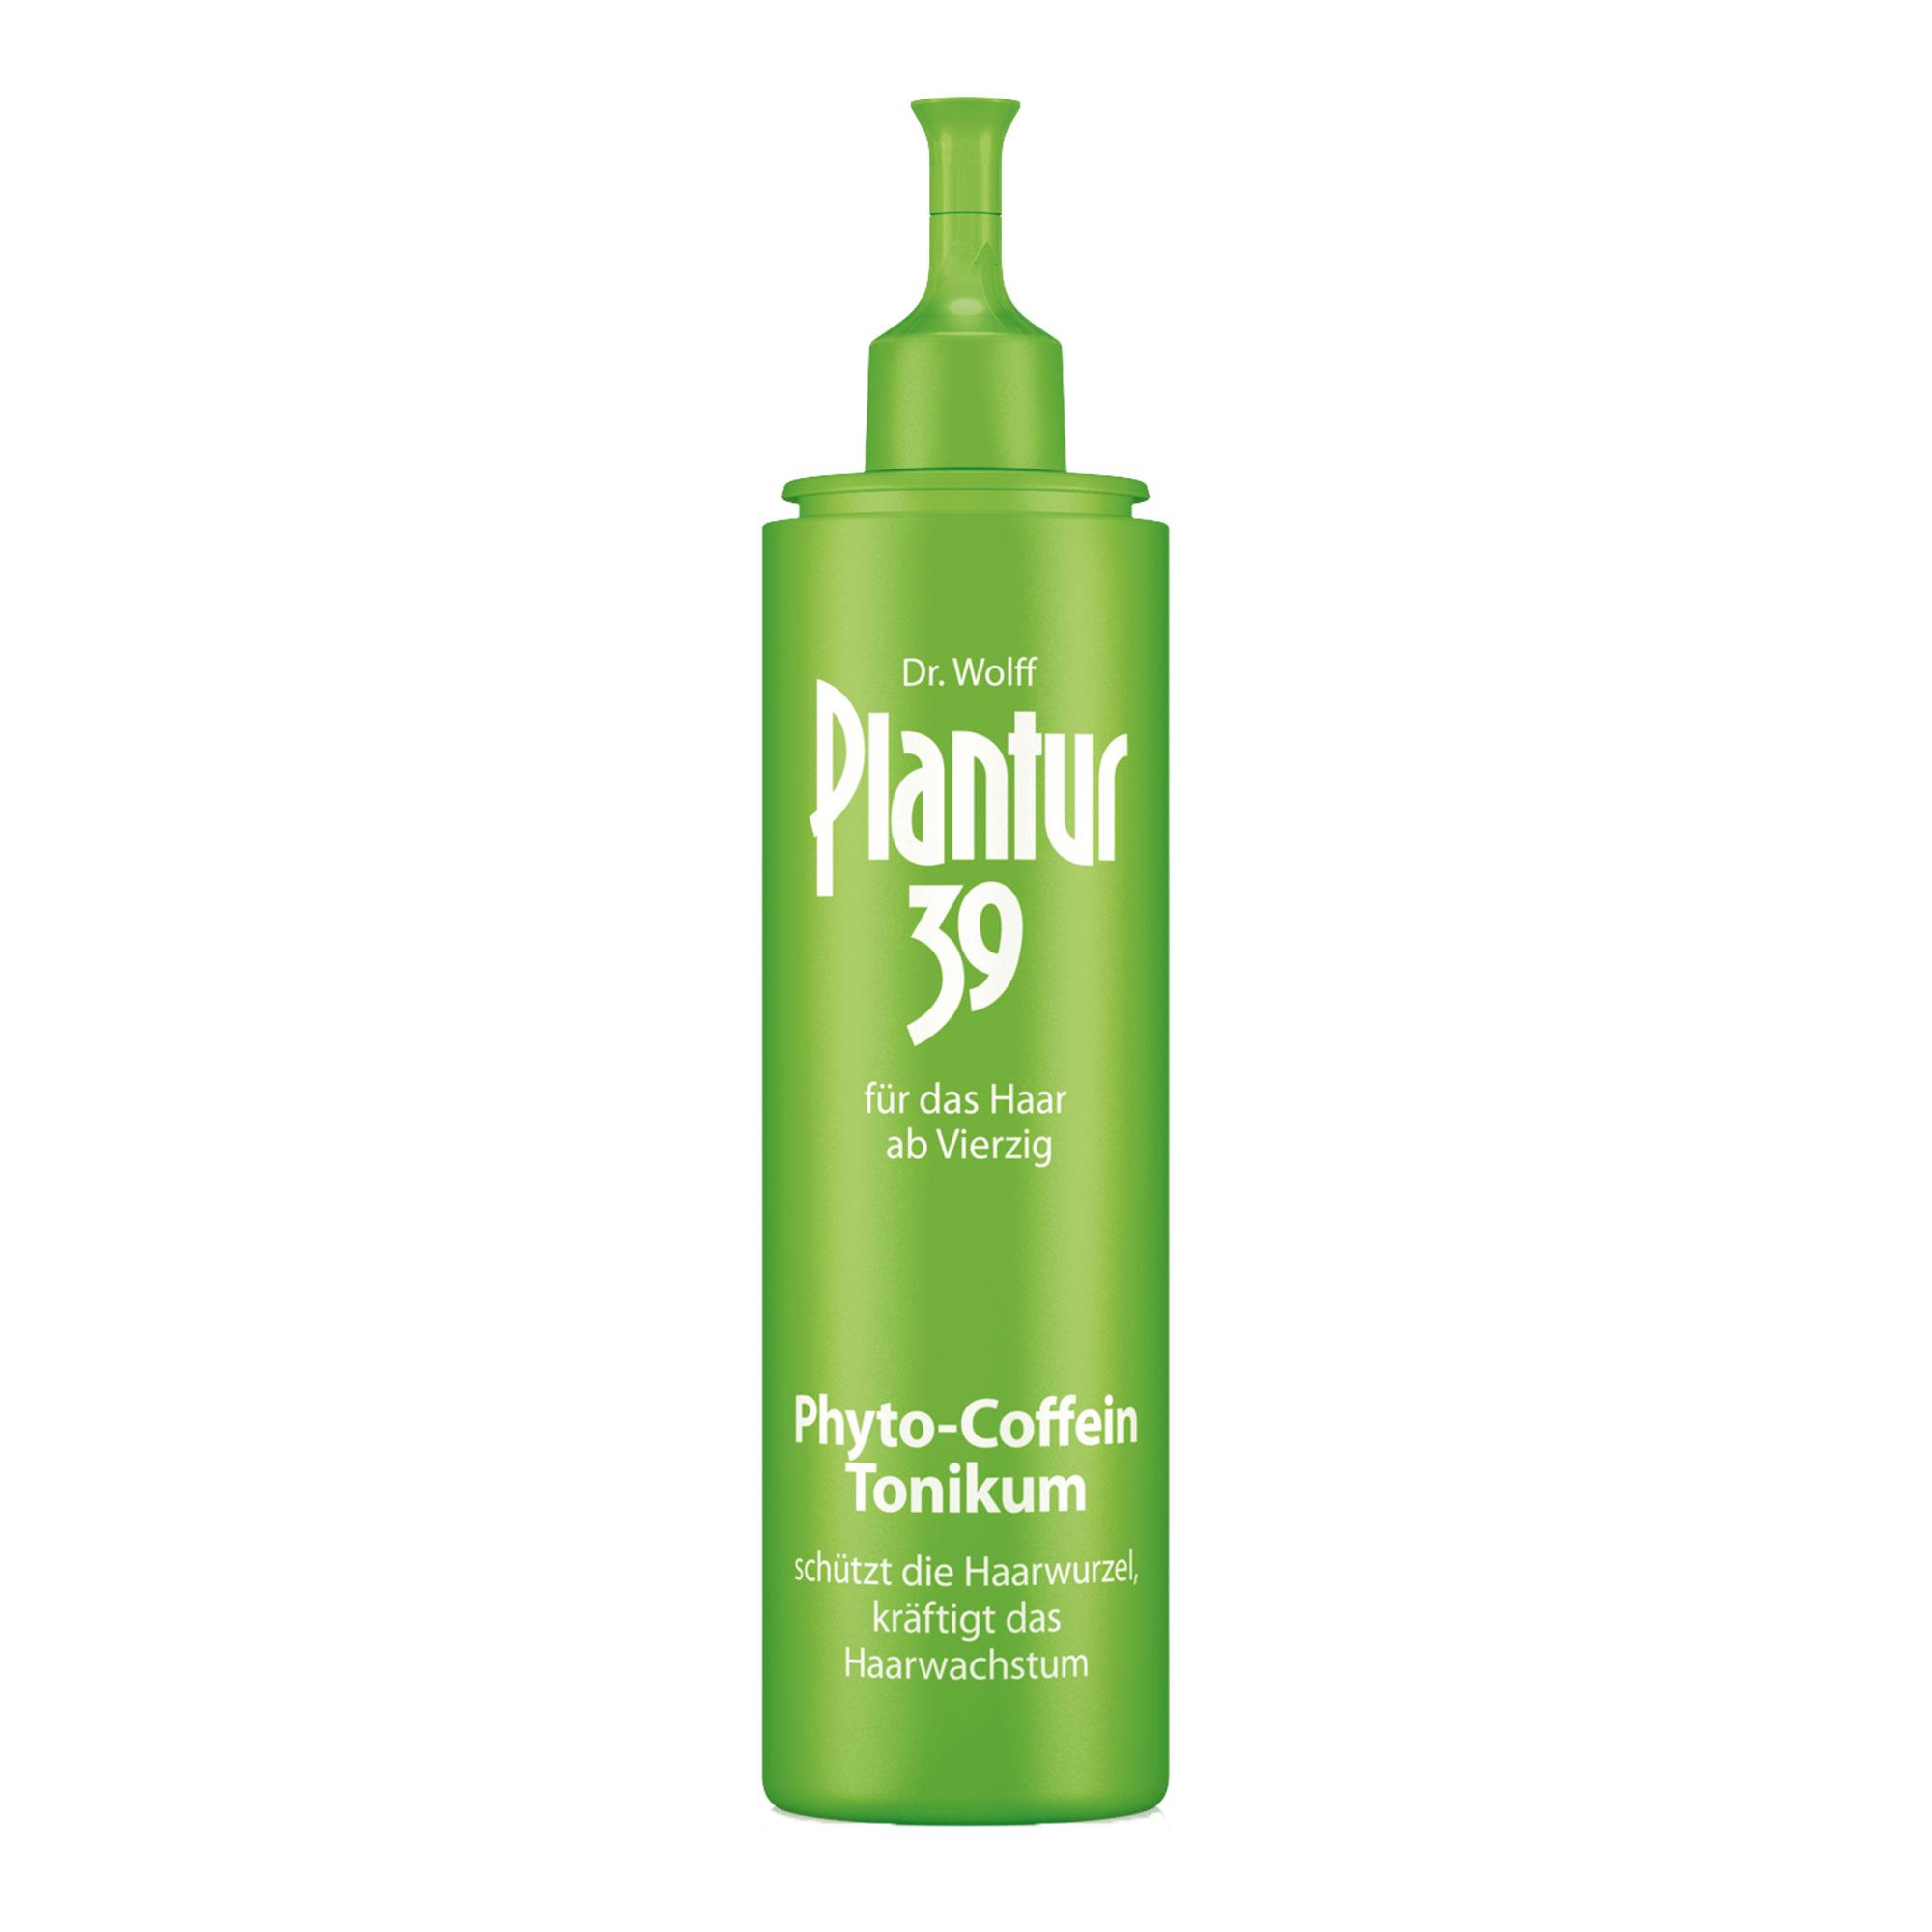 Plantur 39 Coffein Tonikum